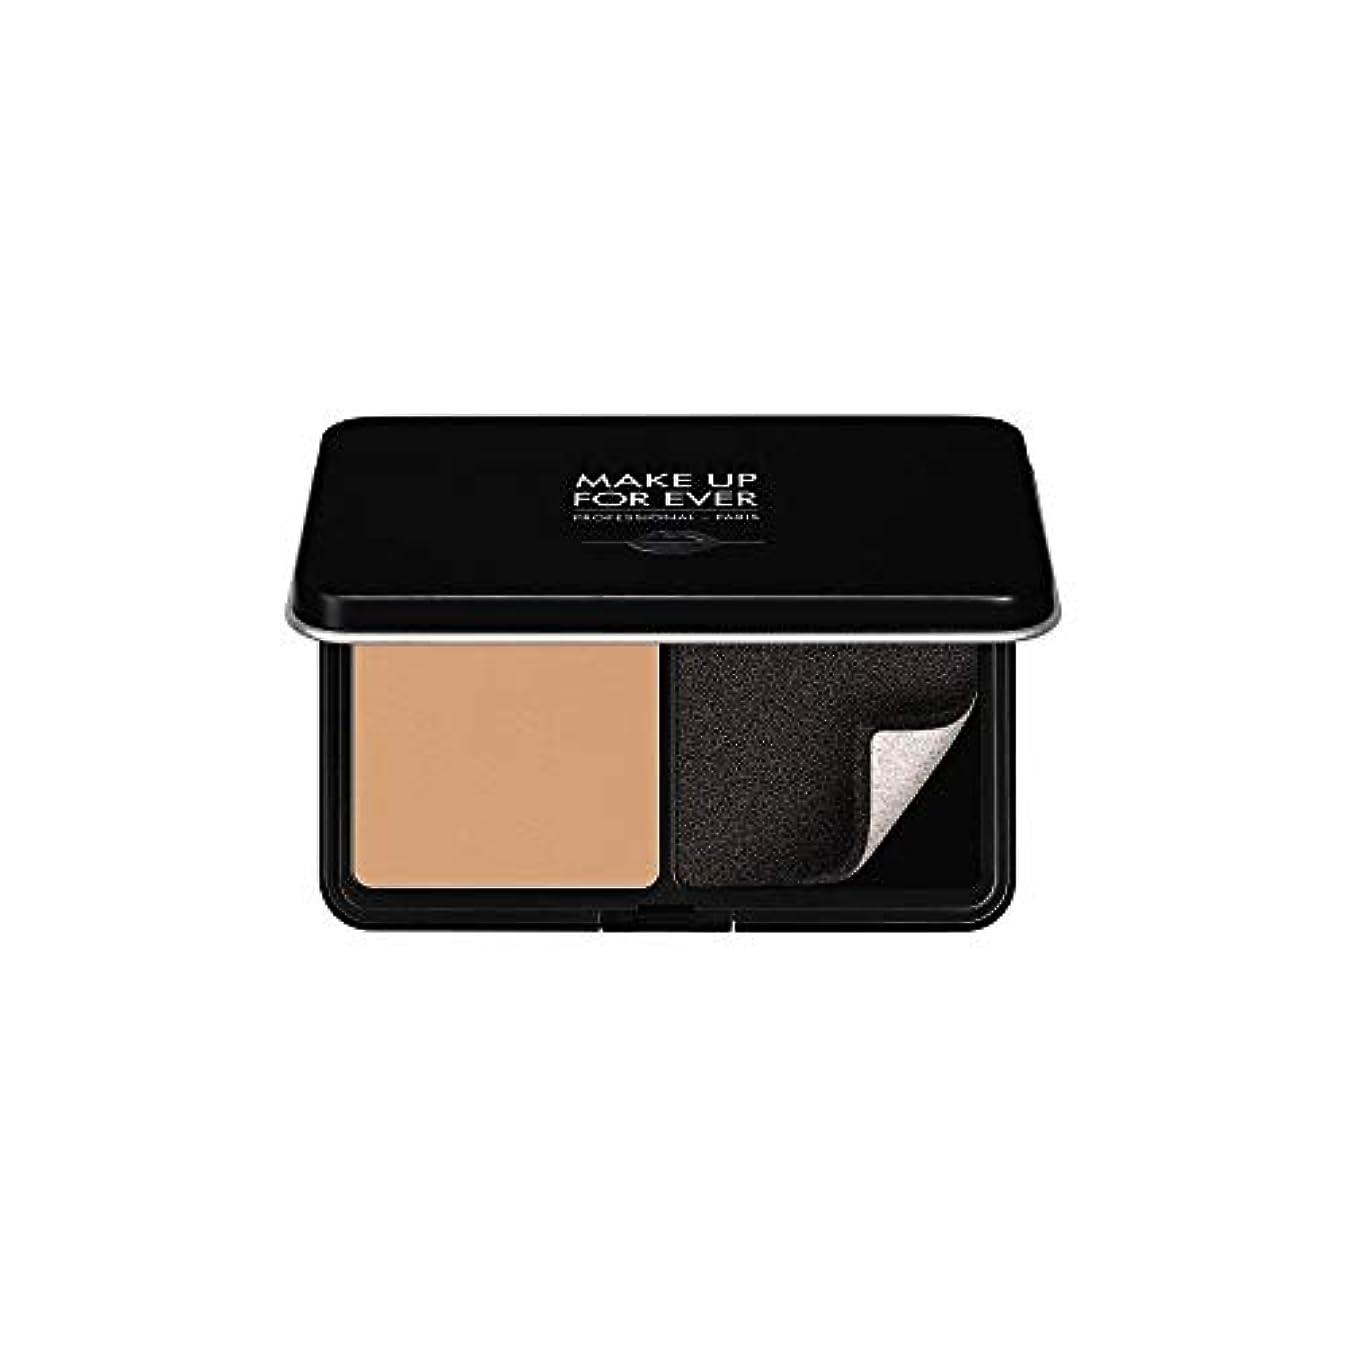 遠い牧草地穴メイクアップフォーエバー Matte Velvet Skin Blurring Powder Foundation - # Y345 (Natural Beige) 11g/0.38oz並行輸入品